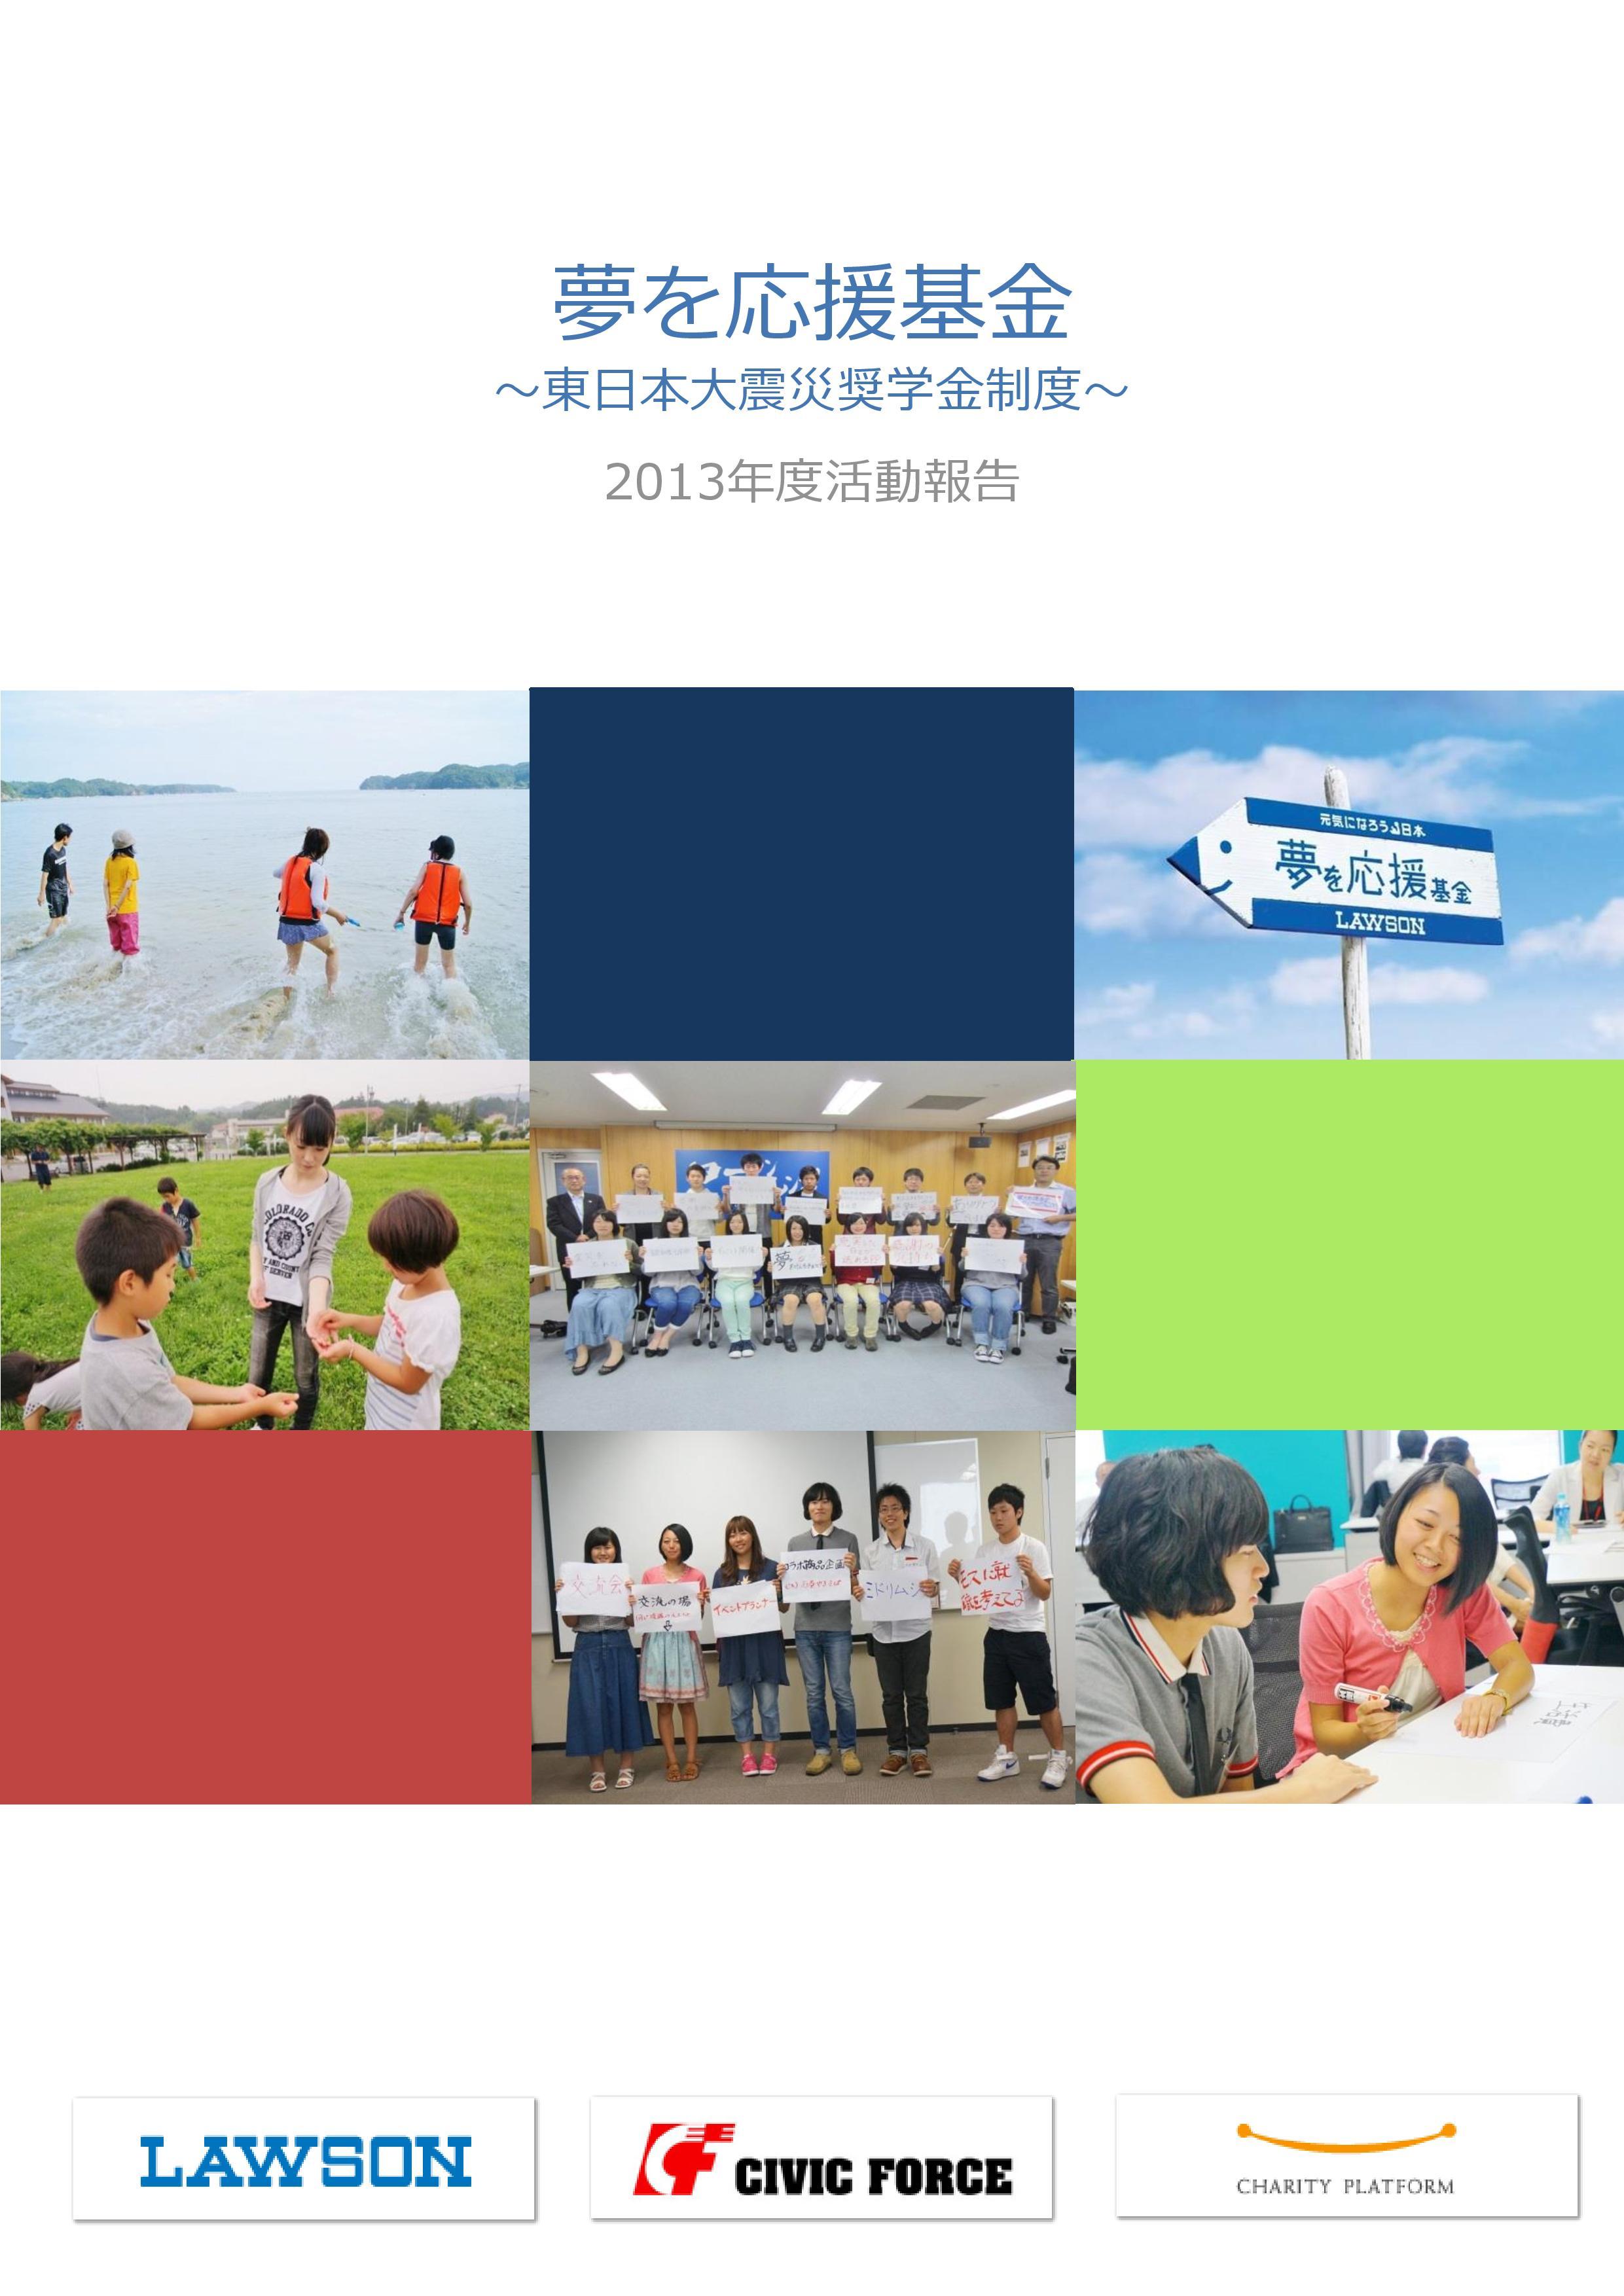 2013年度活動報告(案)-page-001.jpg